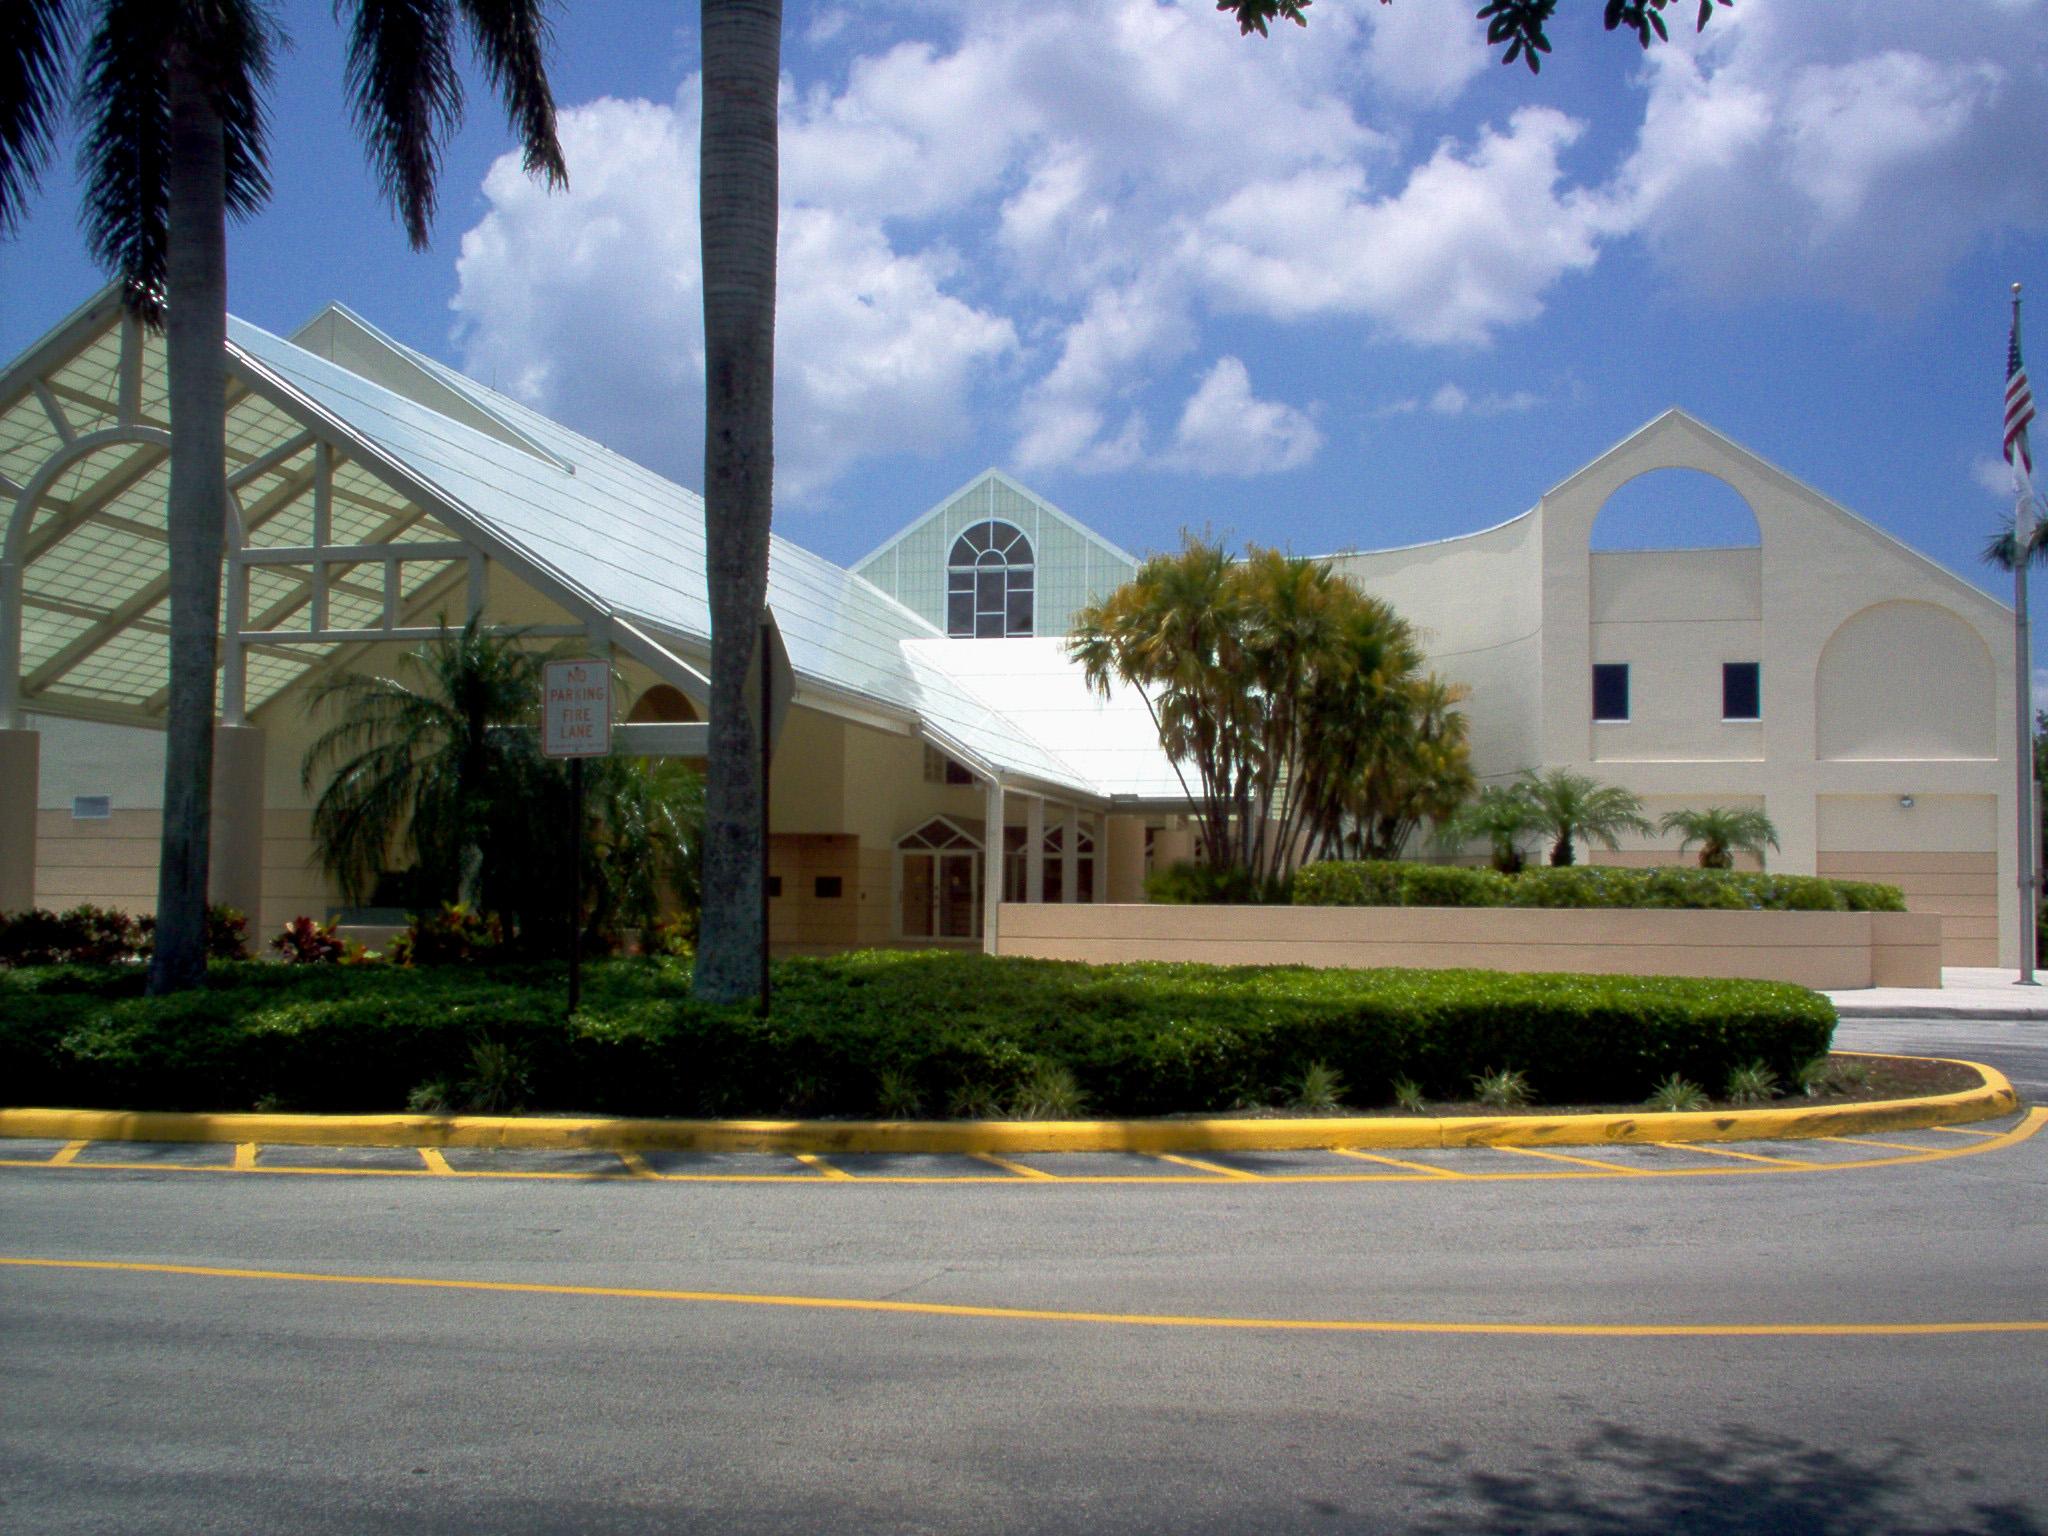 Tamarac City hall 2 a